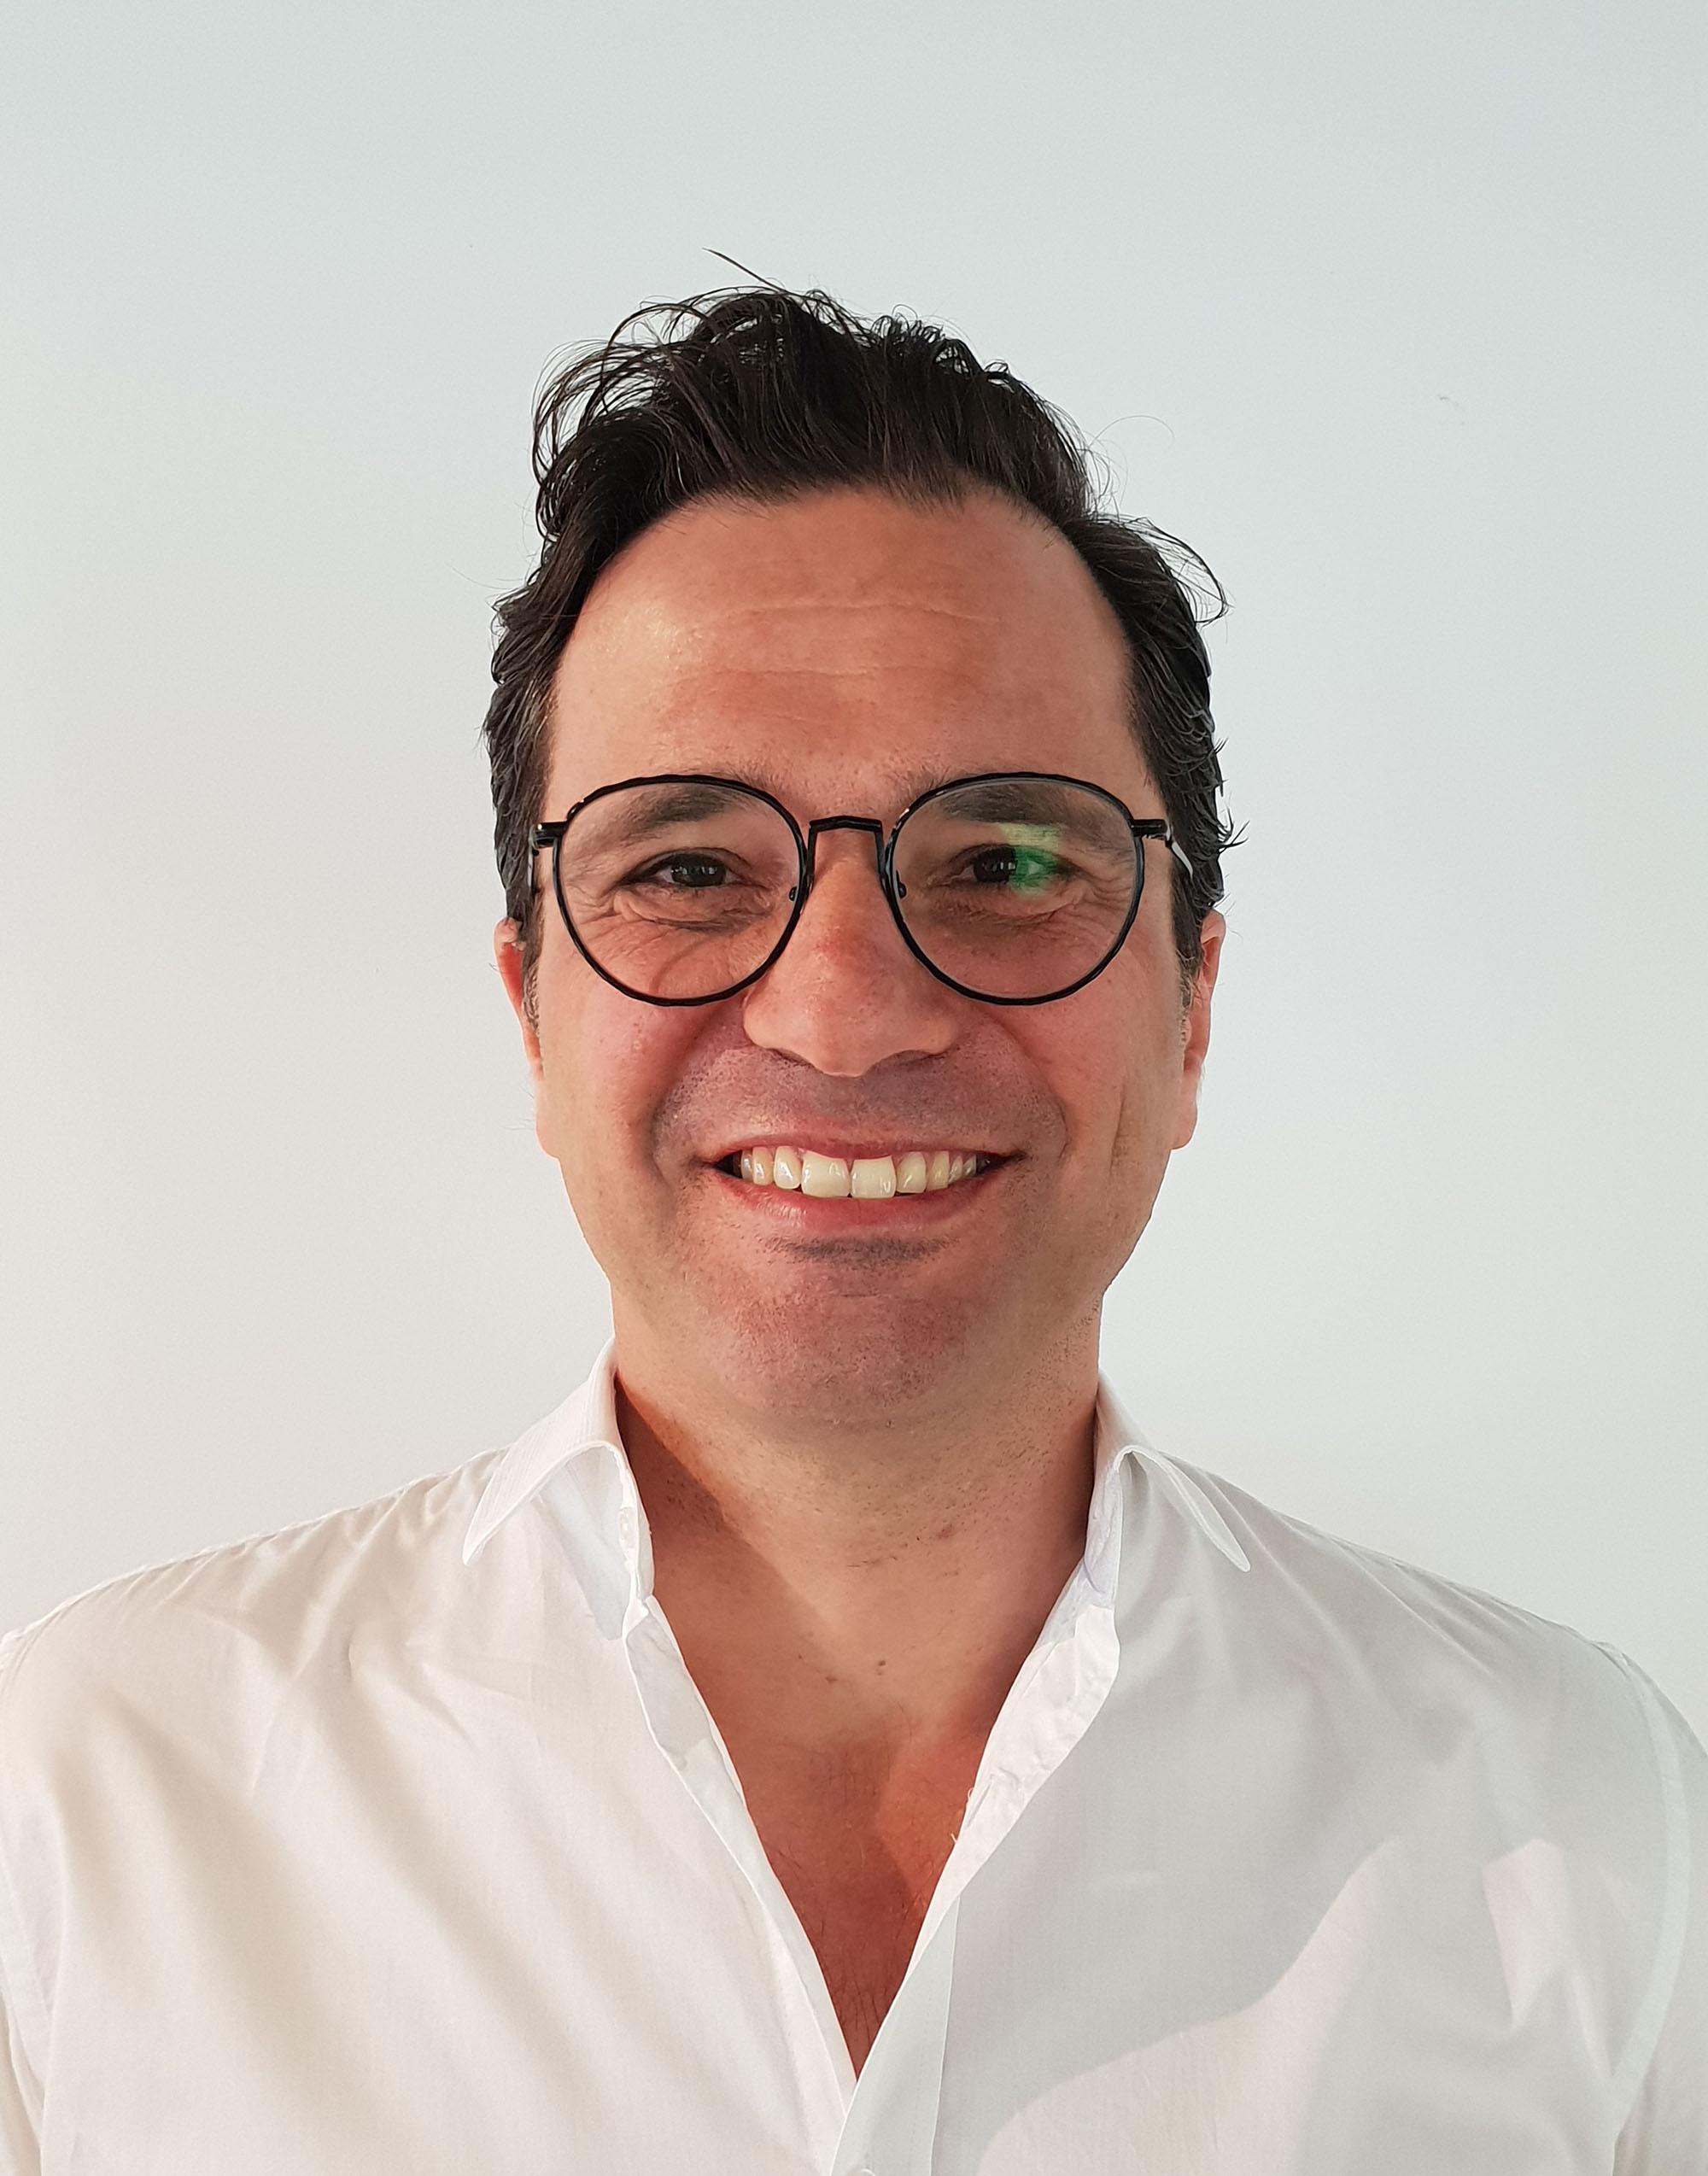 Paul Fotkou